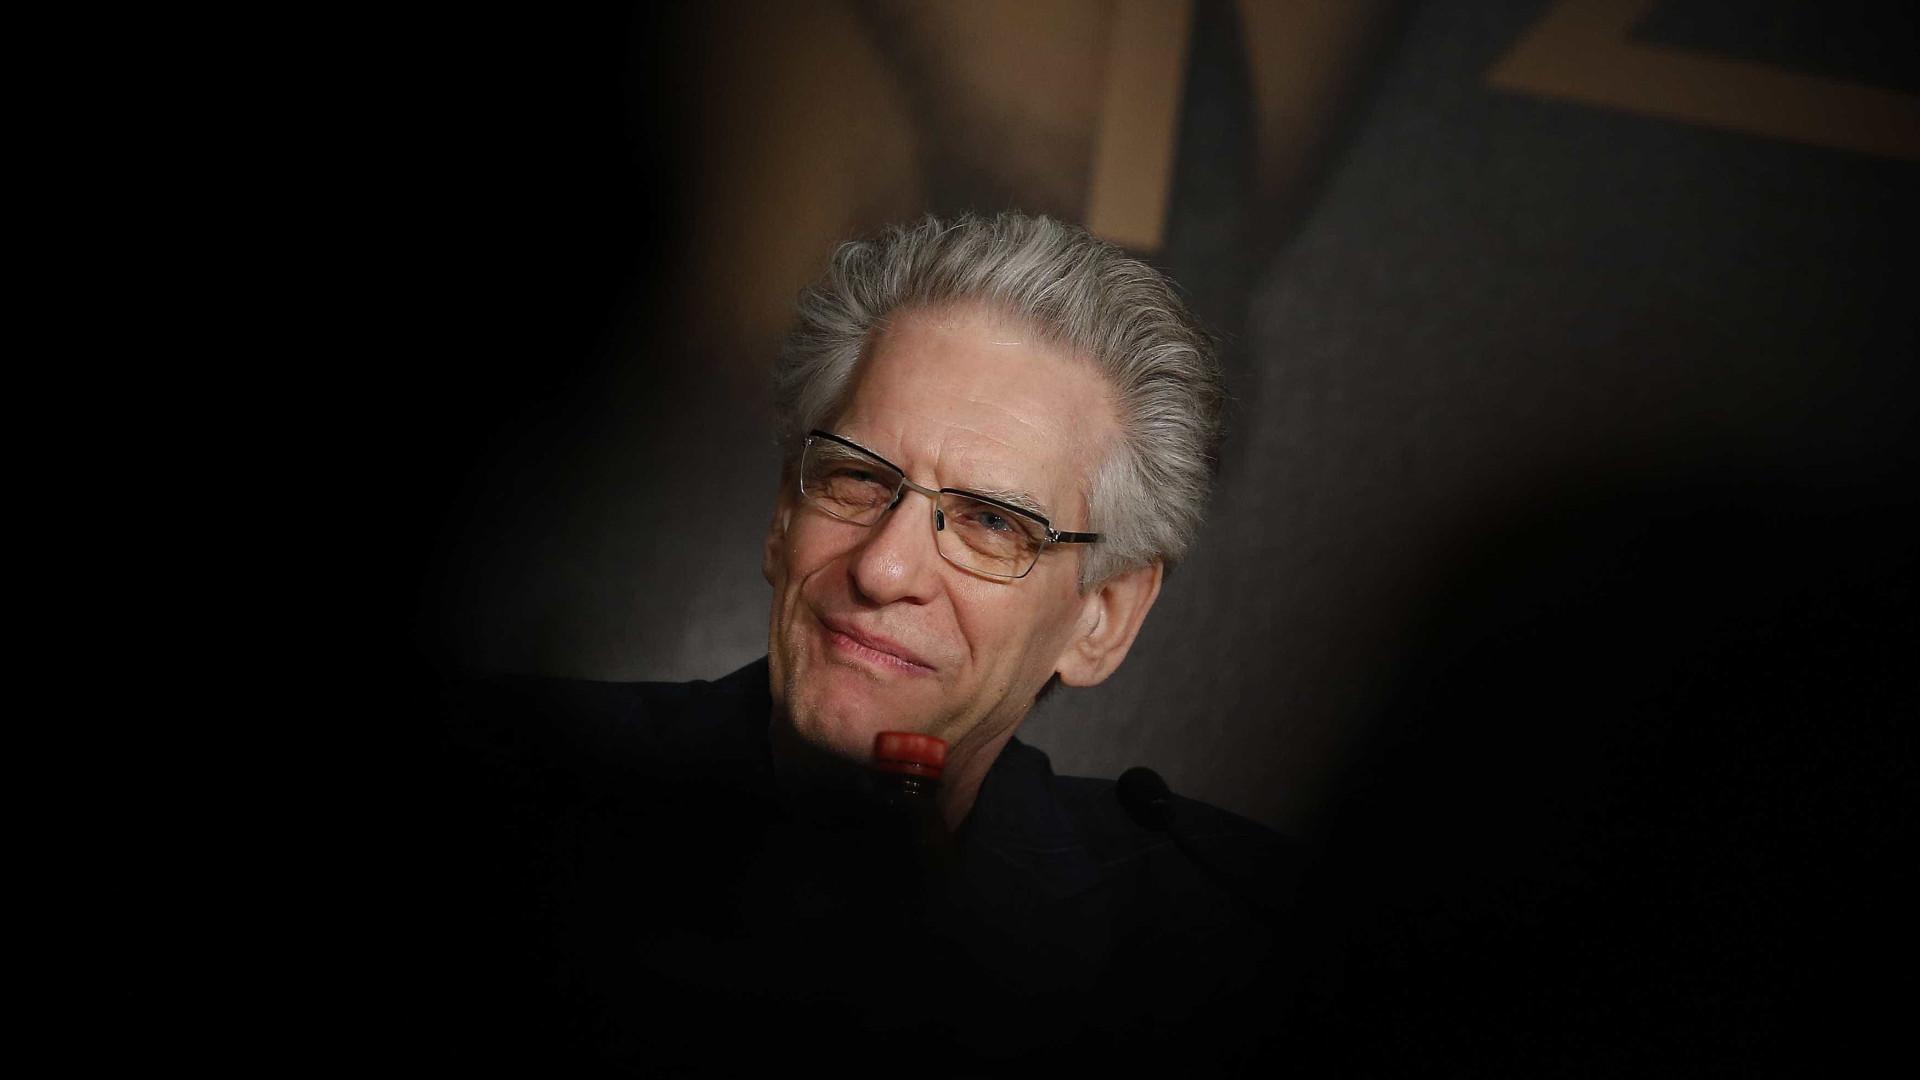 David Cronenberg receberá Leão de Ouro no Festival de Veneza